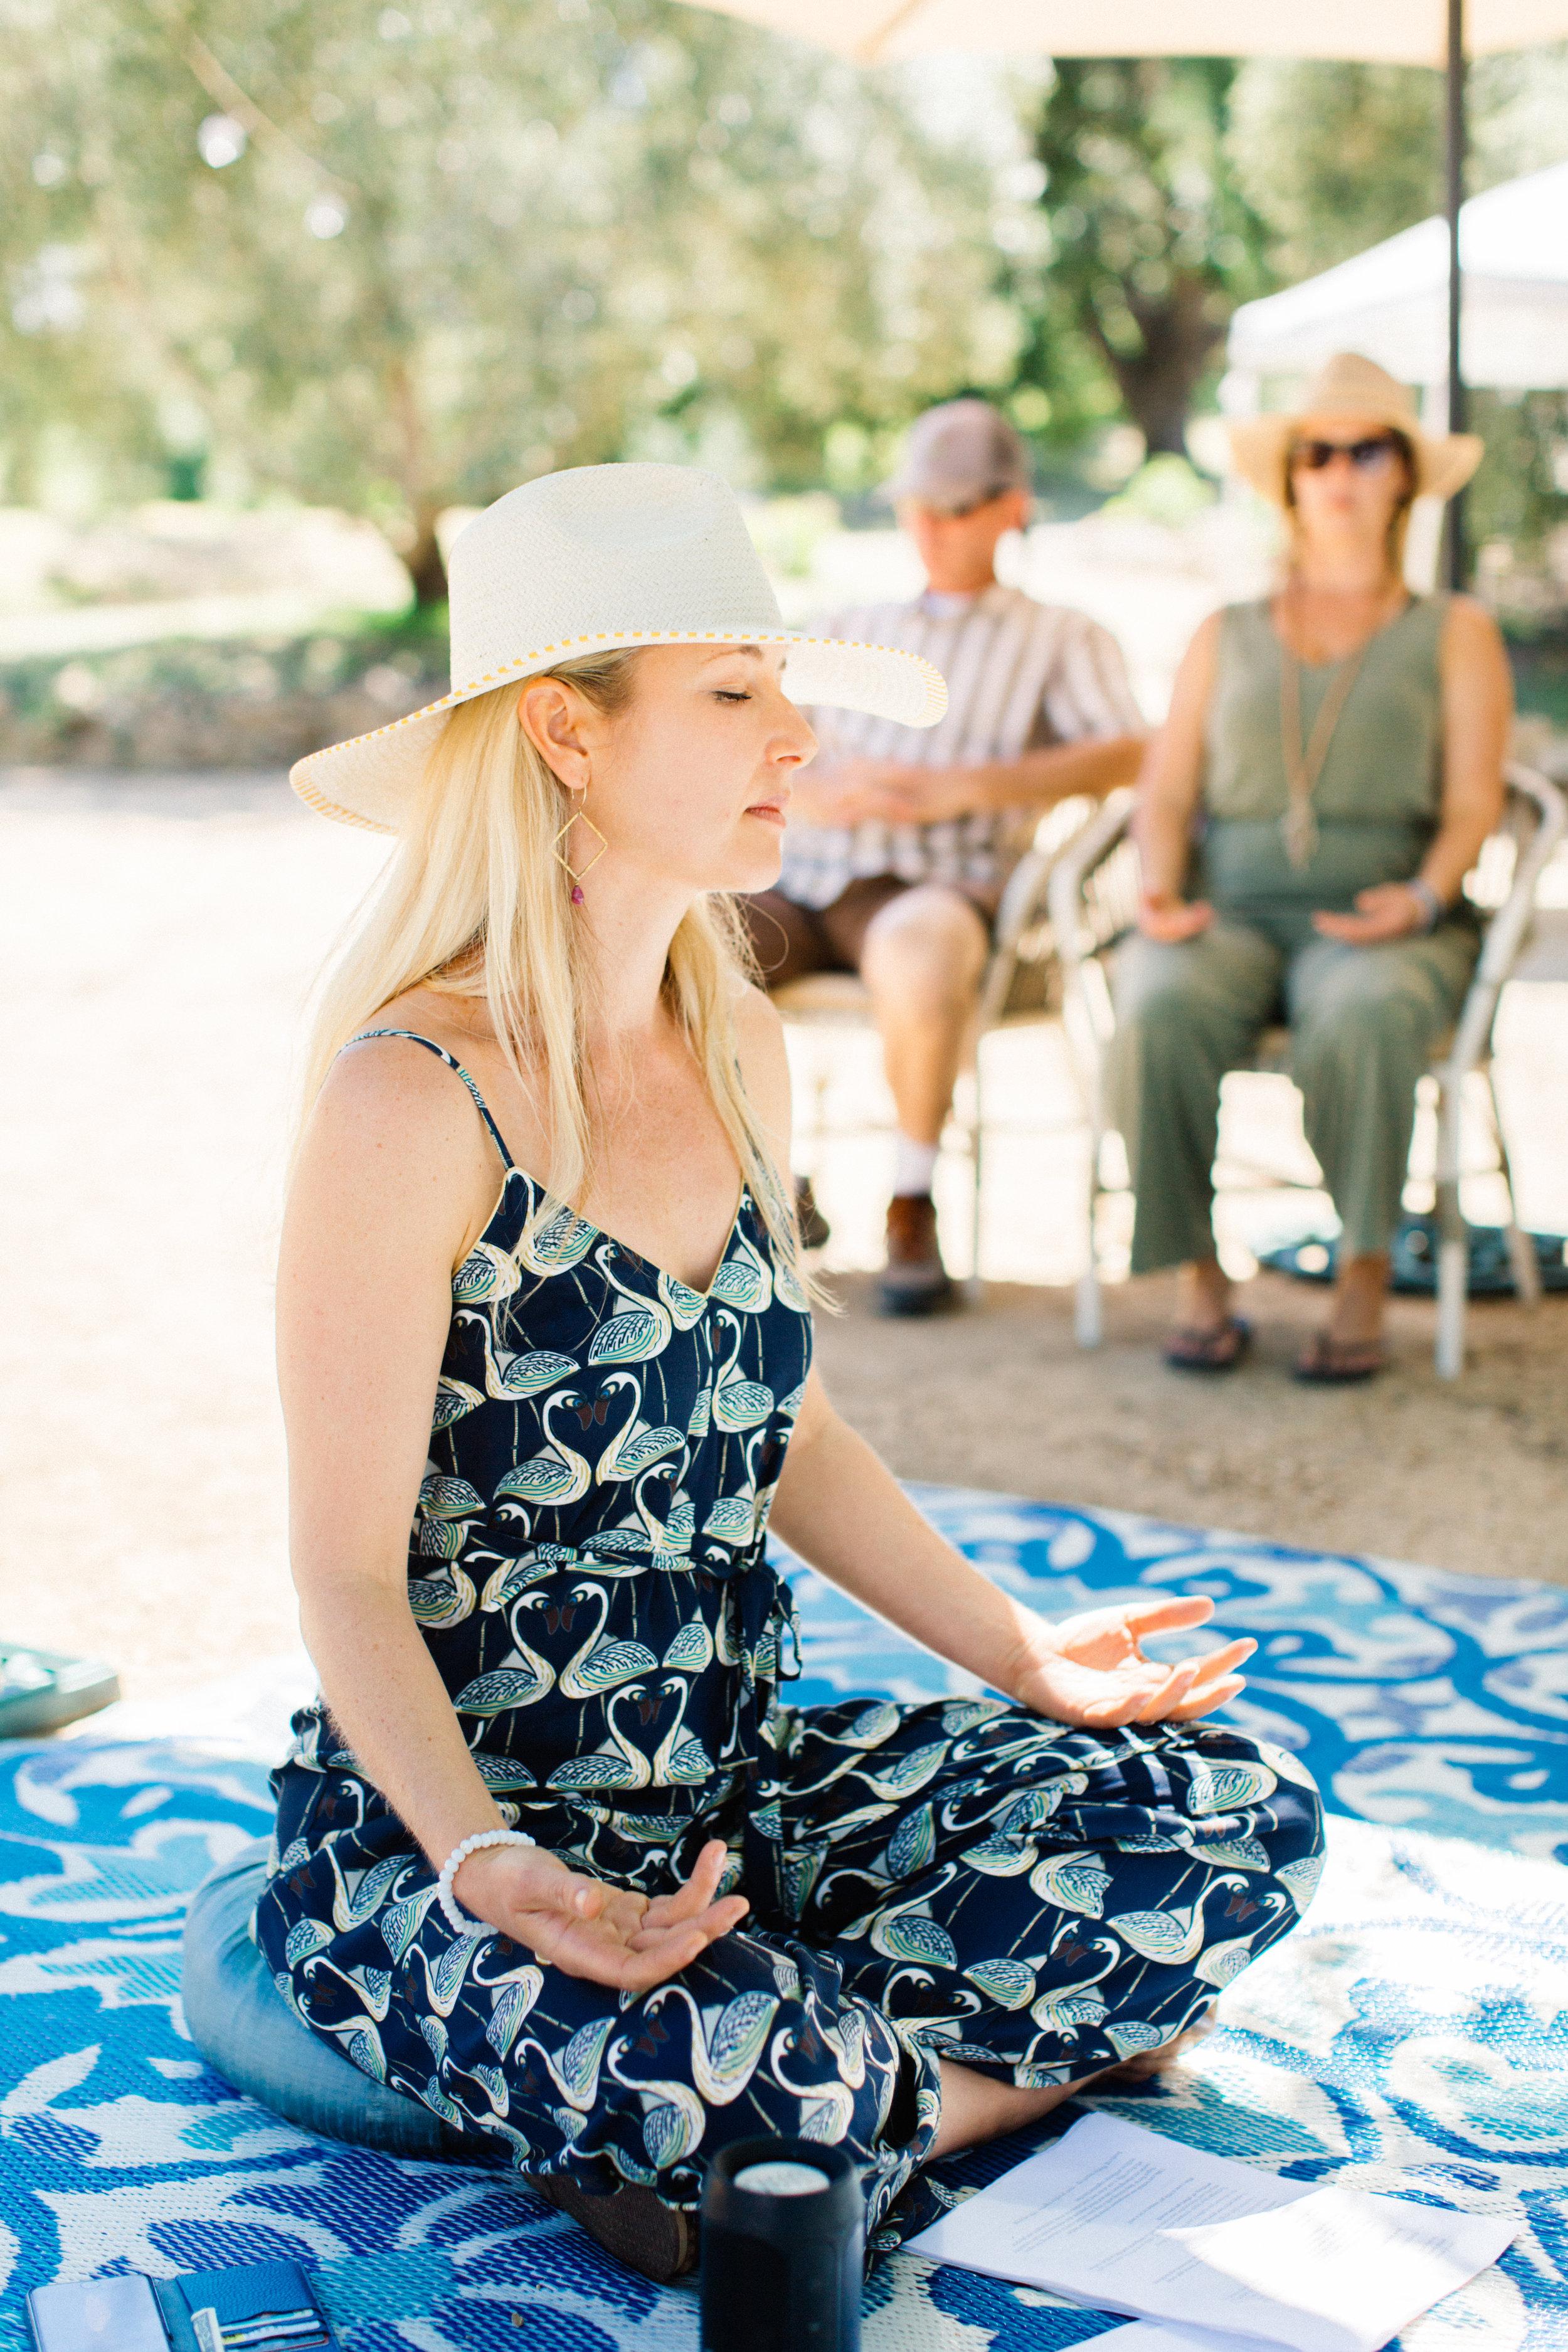 Rhianna-Mercier-Diana-Hill-LuluLemon-Organics-Coffee-Farm-9384.jpg